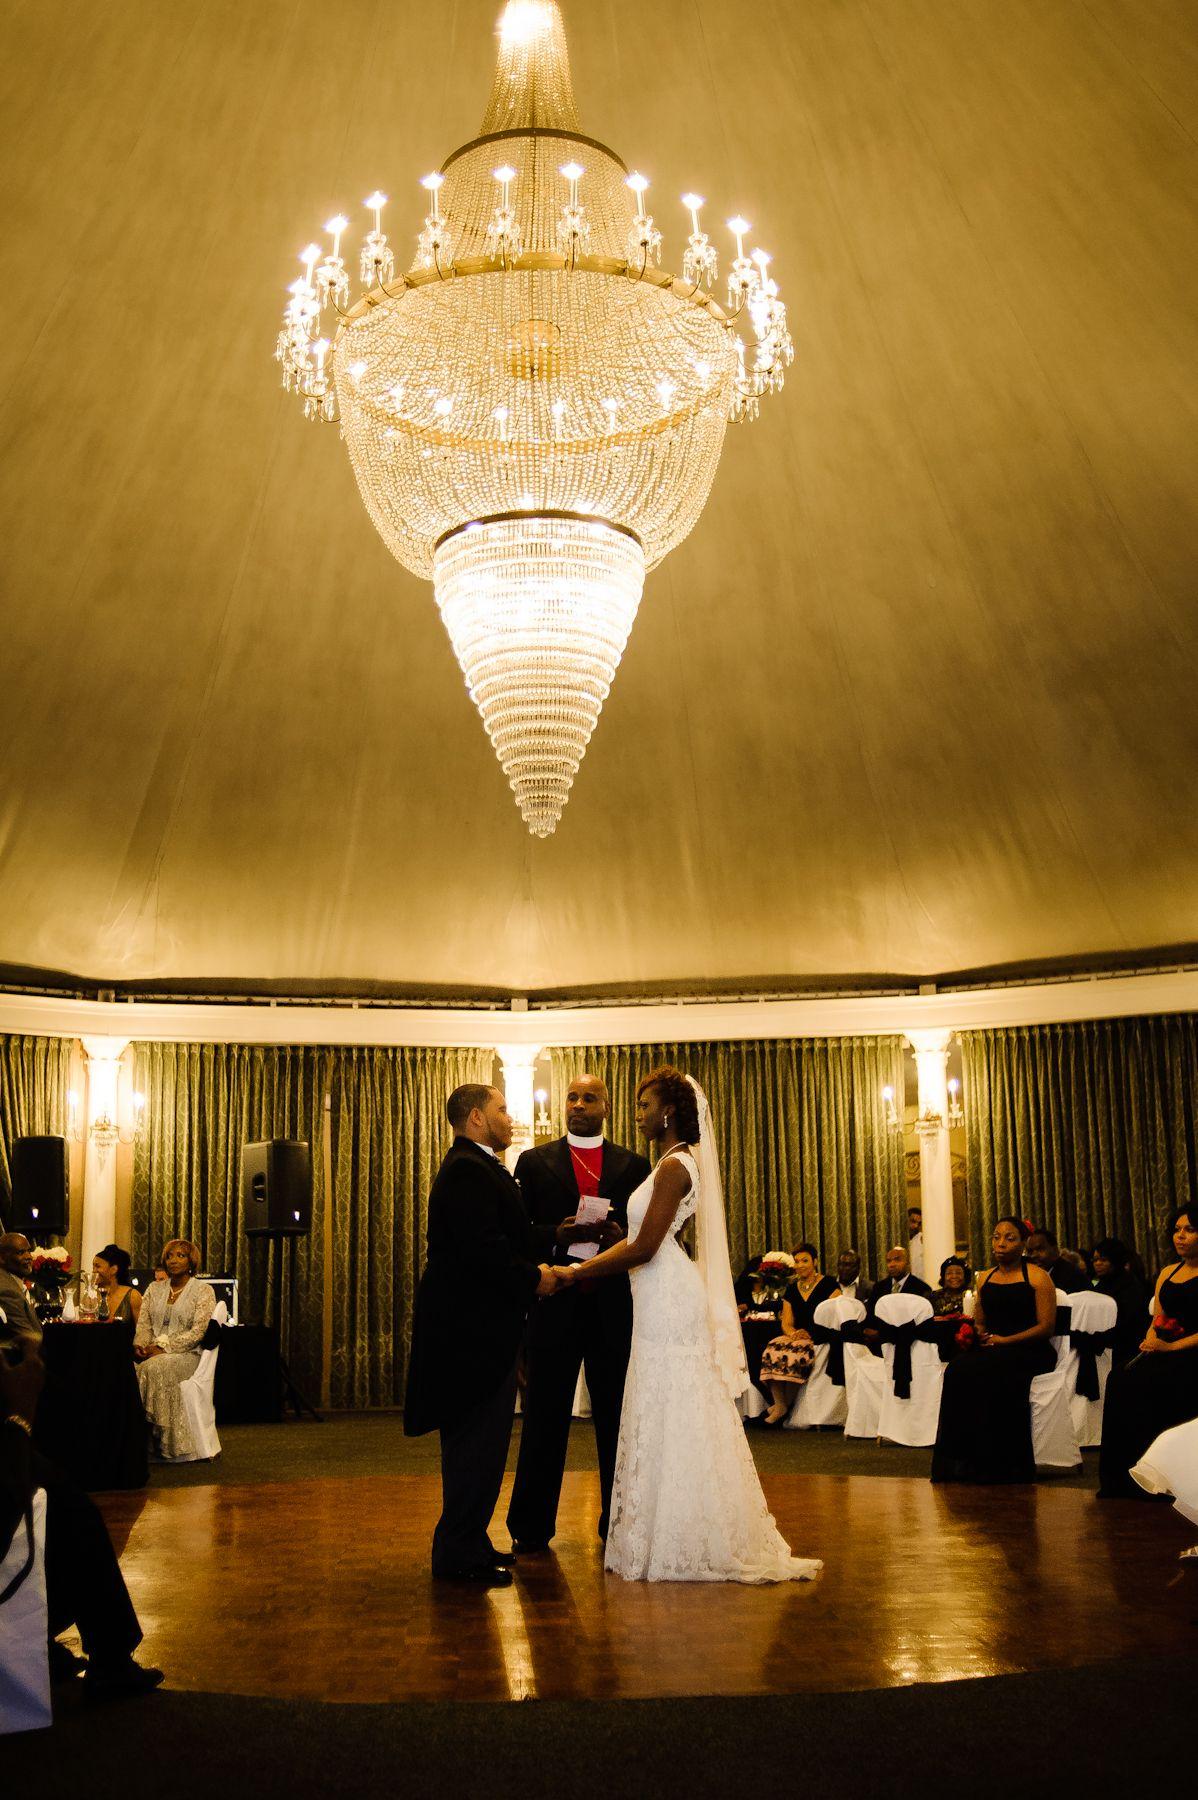 Castle McCulloch Crystal Garden Ballroom. Idea for a